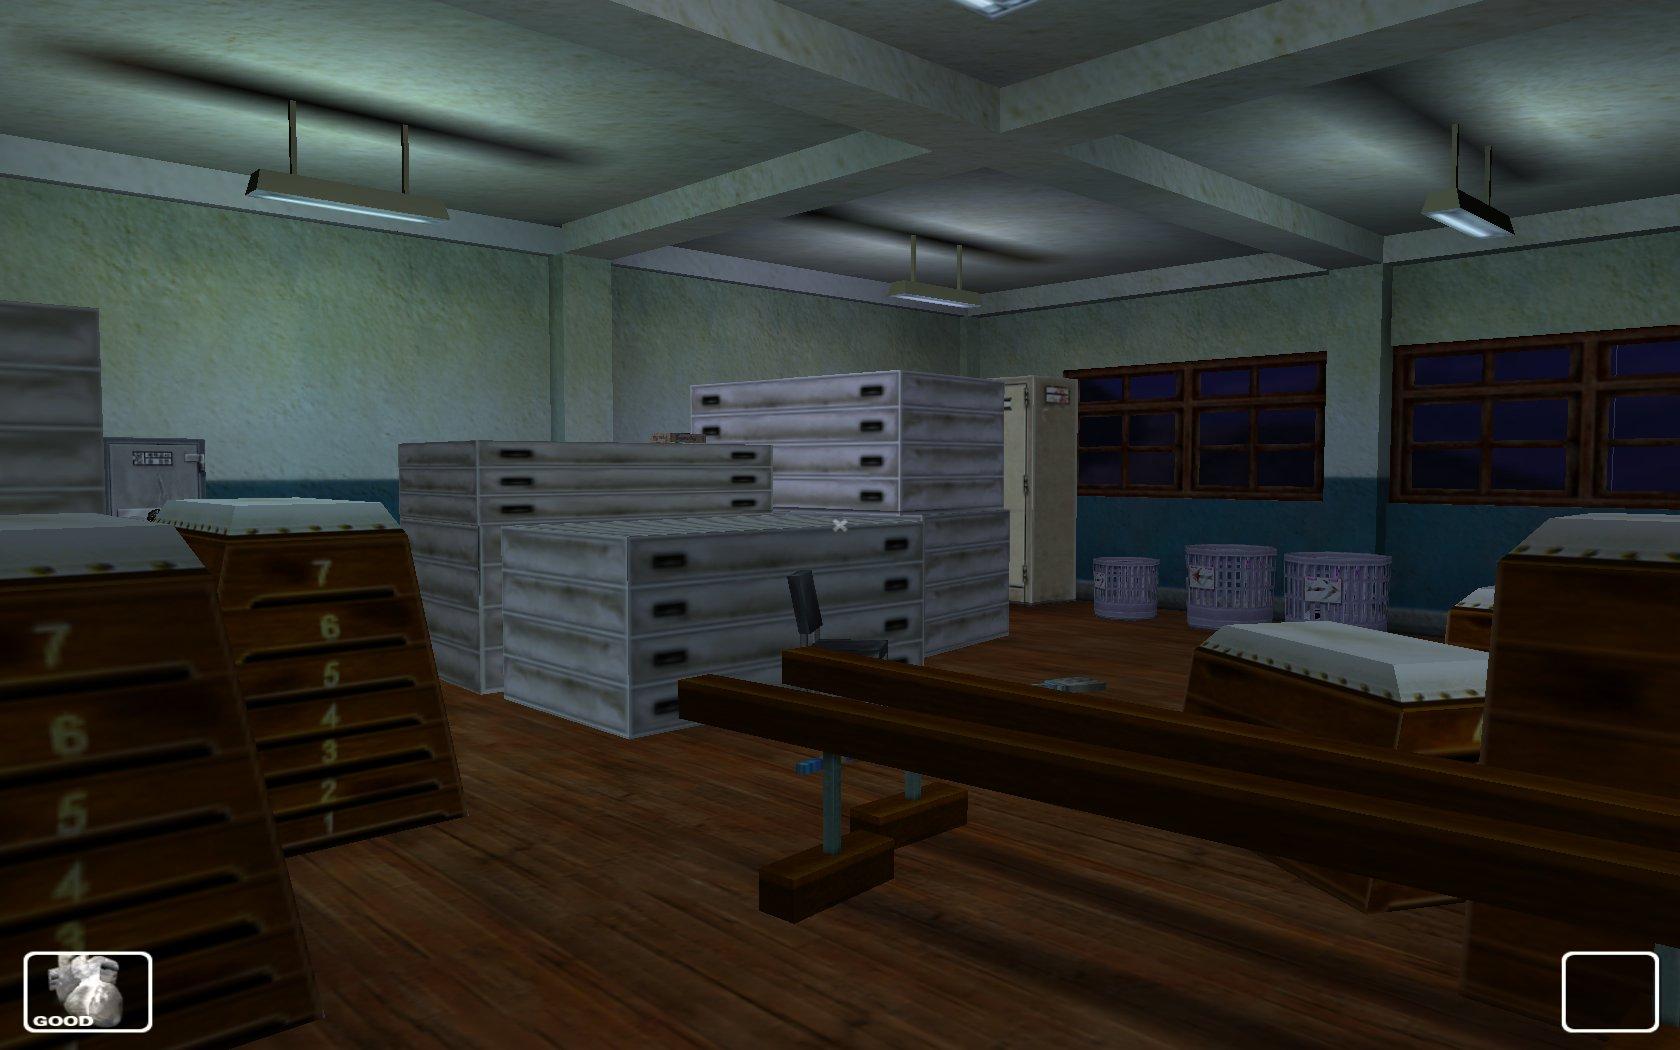 Gym Storage Room (Original)